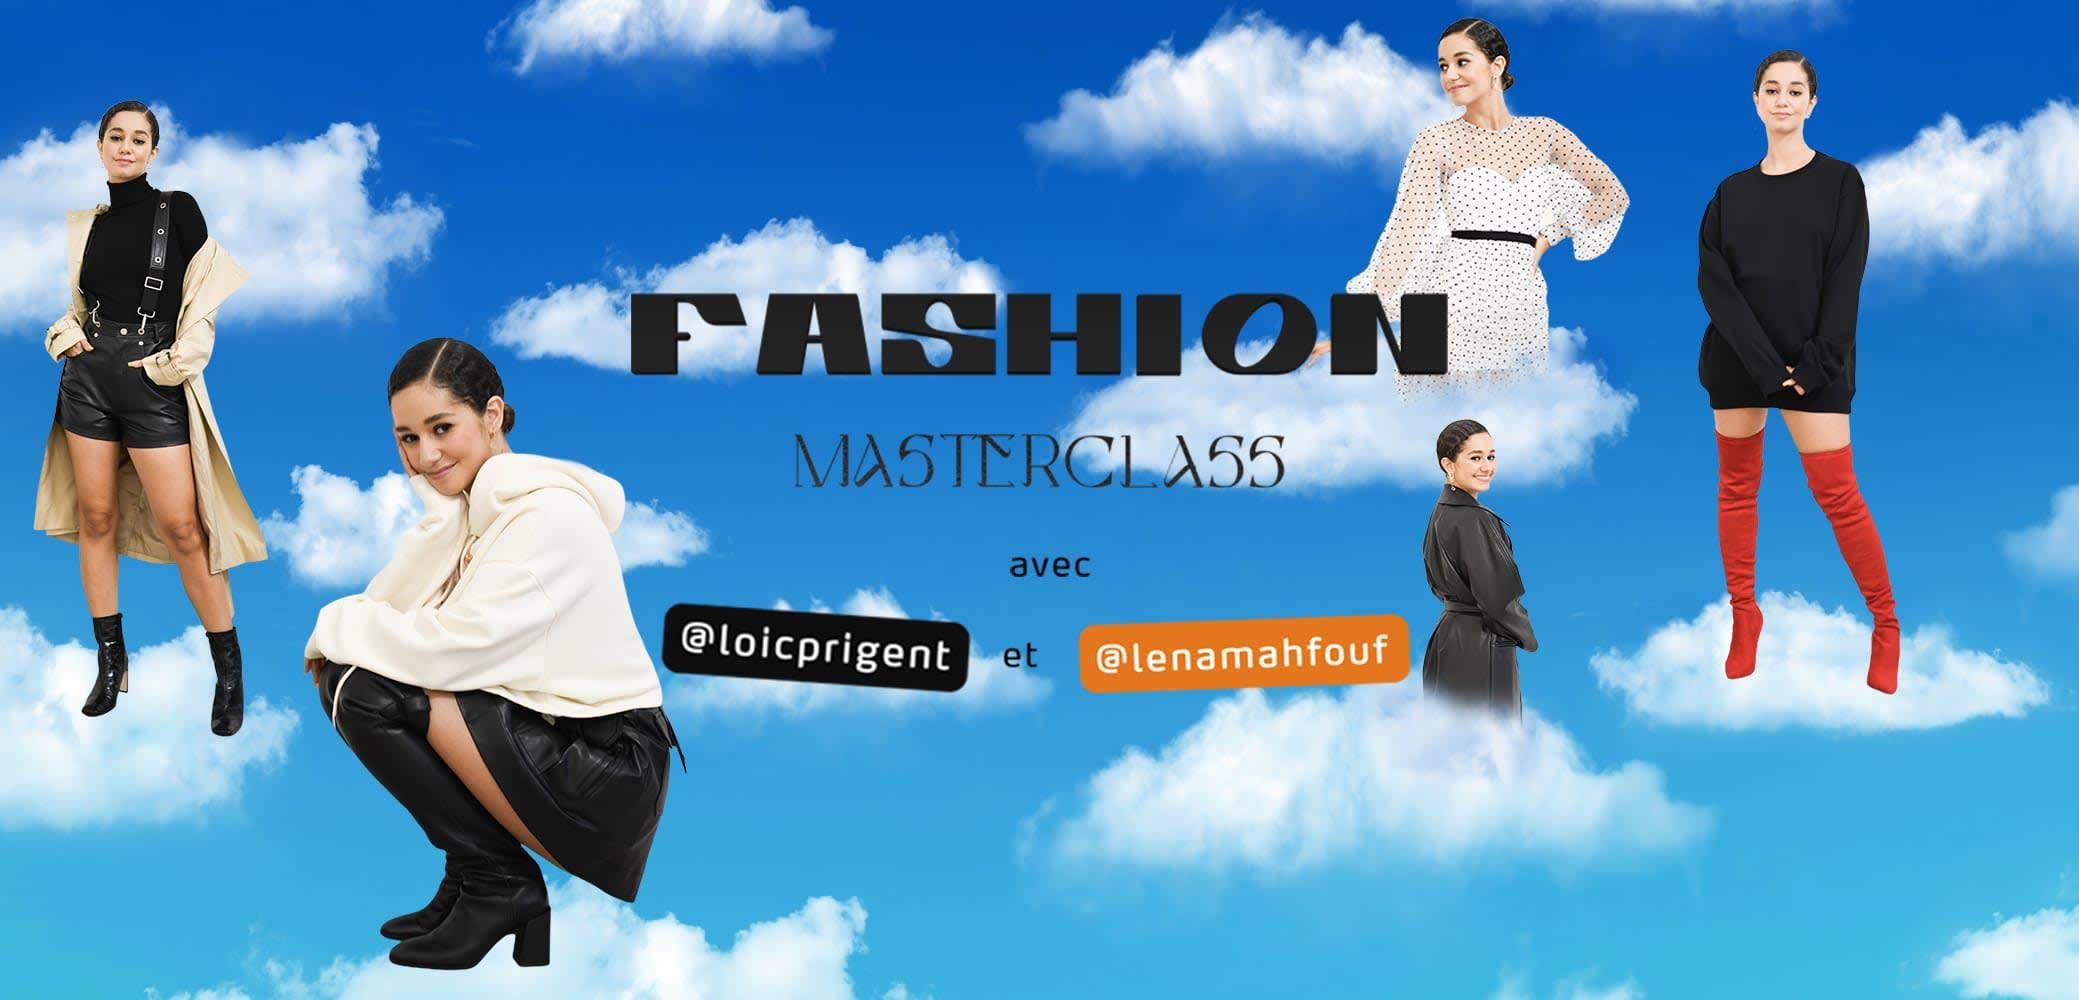 Fashion Masterclass